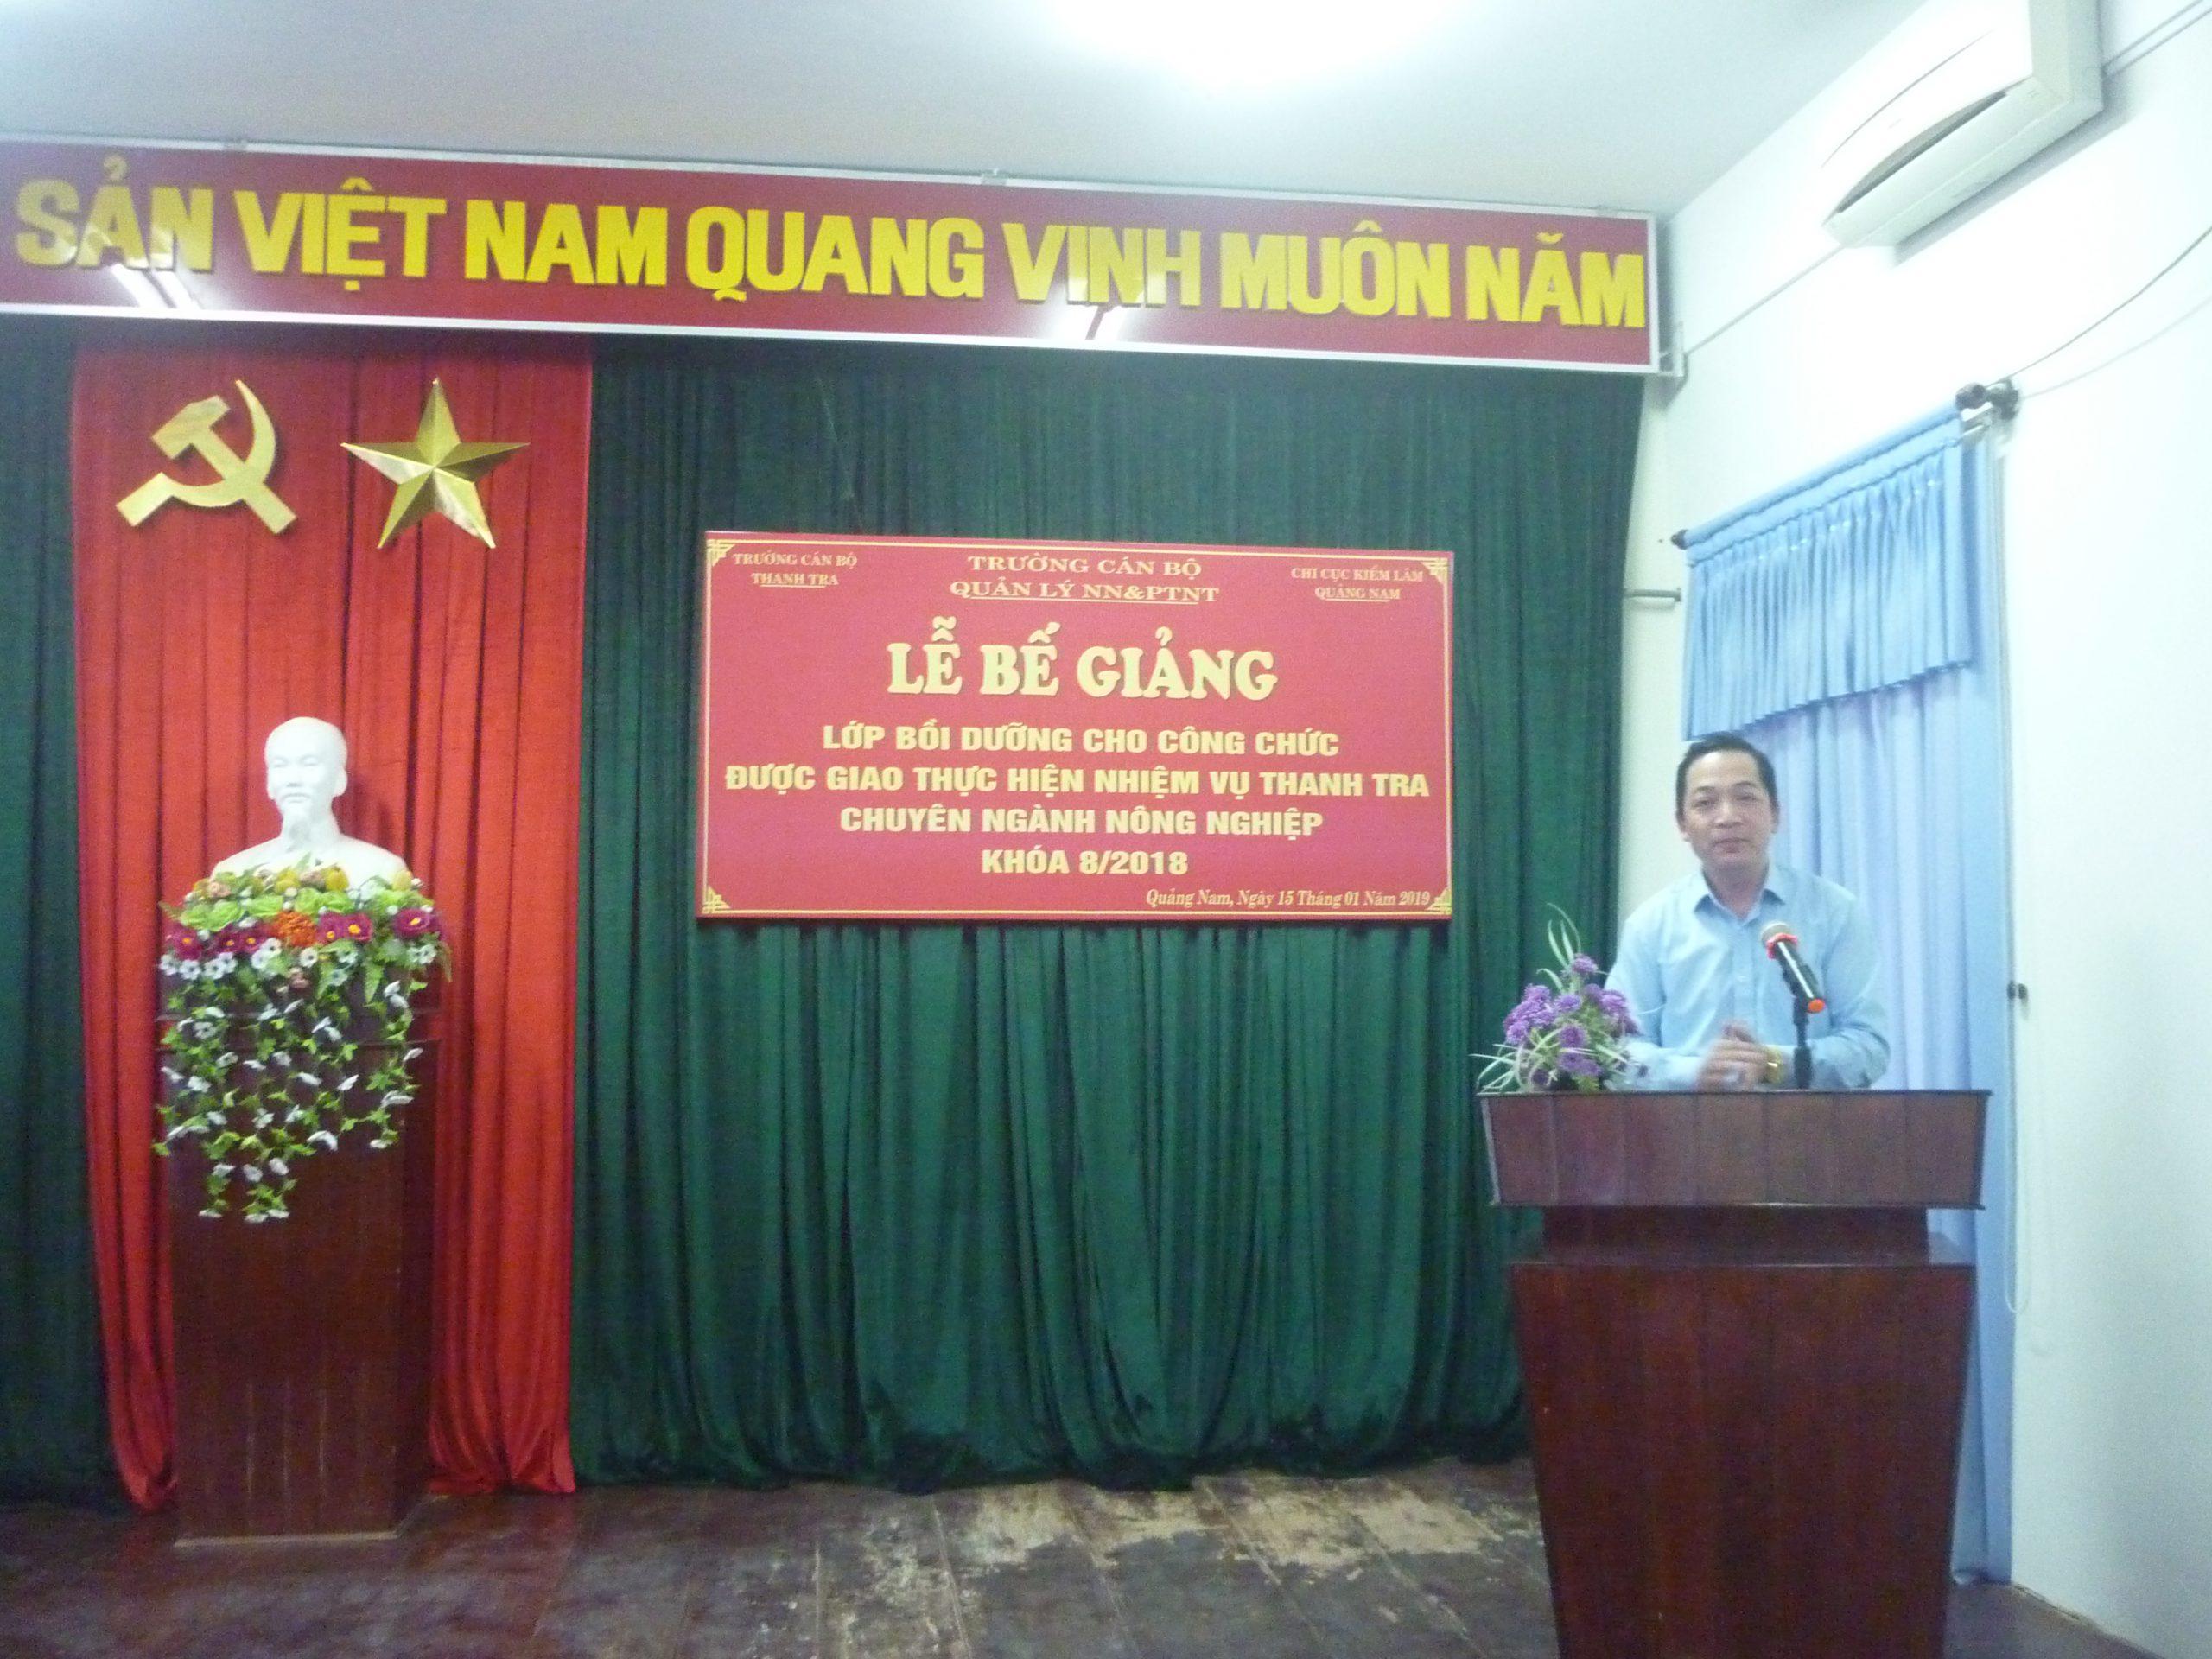 TS Nguyễn Huy Hoàng Phó HIệu trưởng TCBTT phát biểu bế giảng khóa học